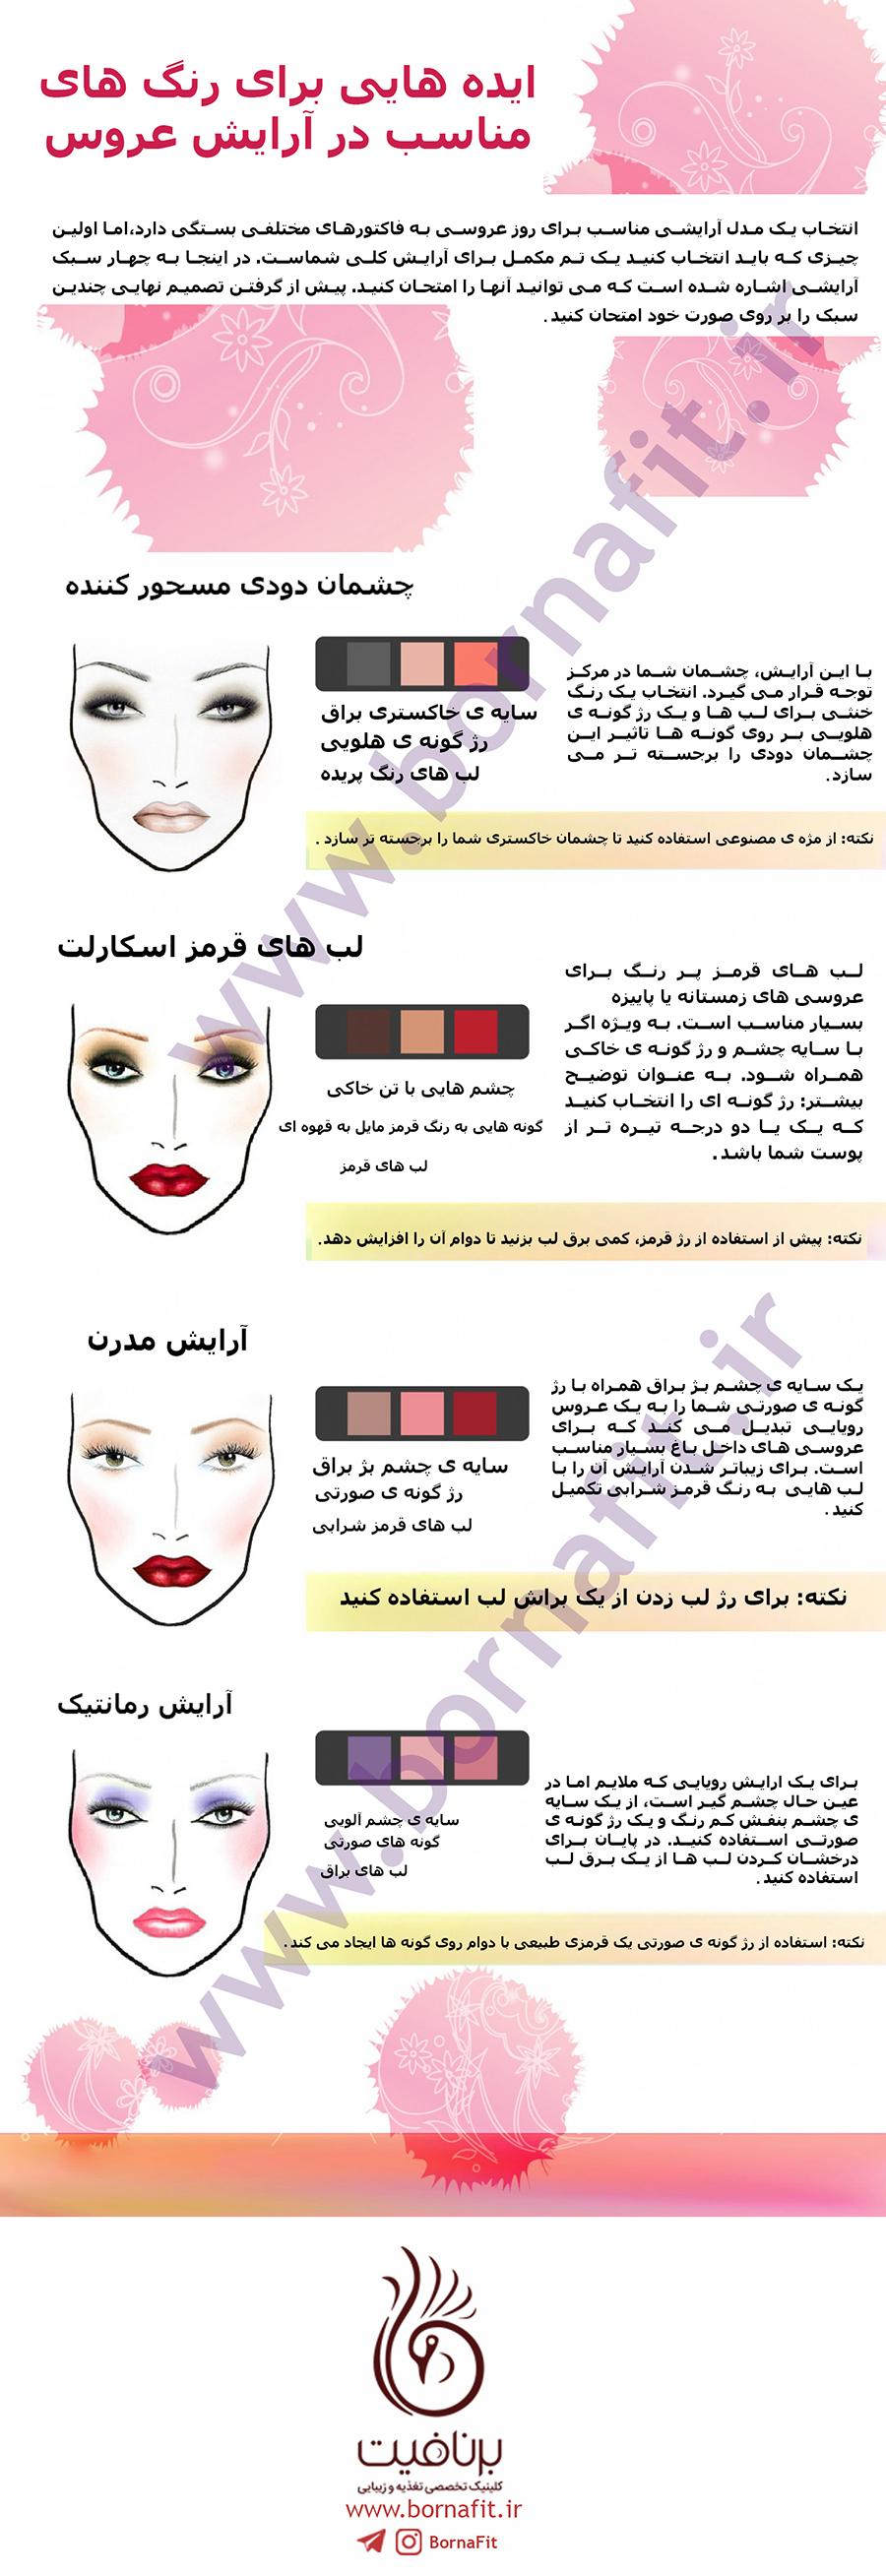 ایده هایی برای رنگ های مناسب در آرایش عروس